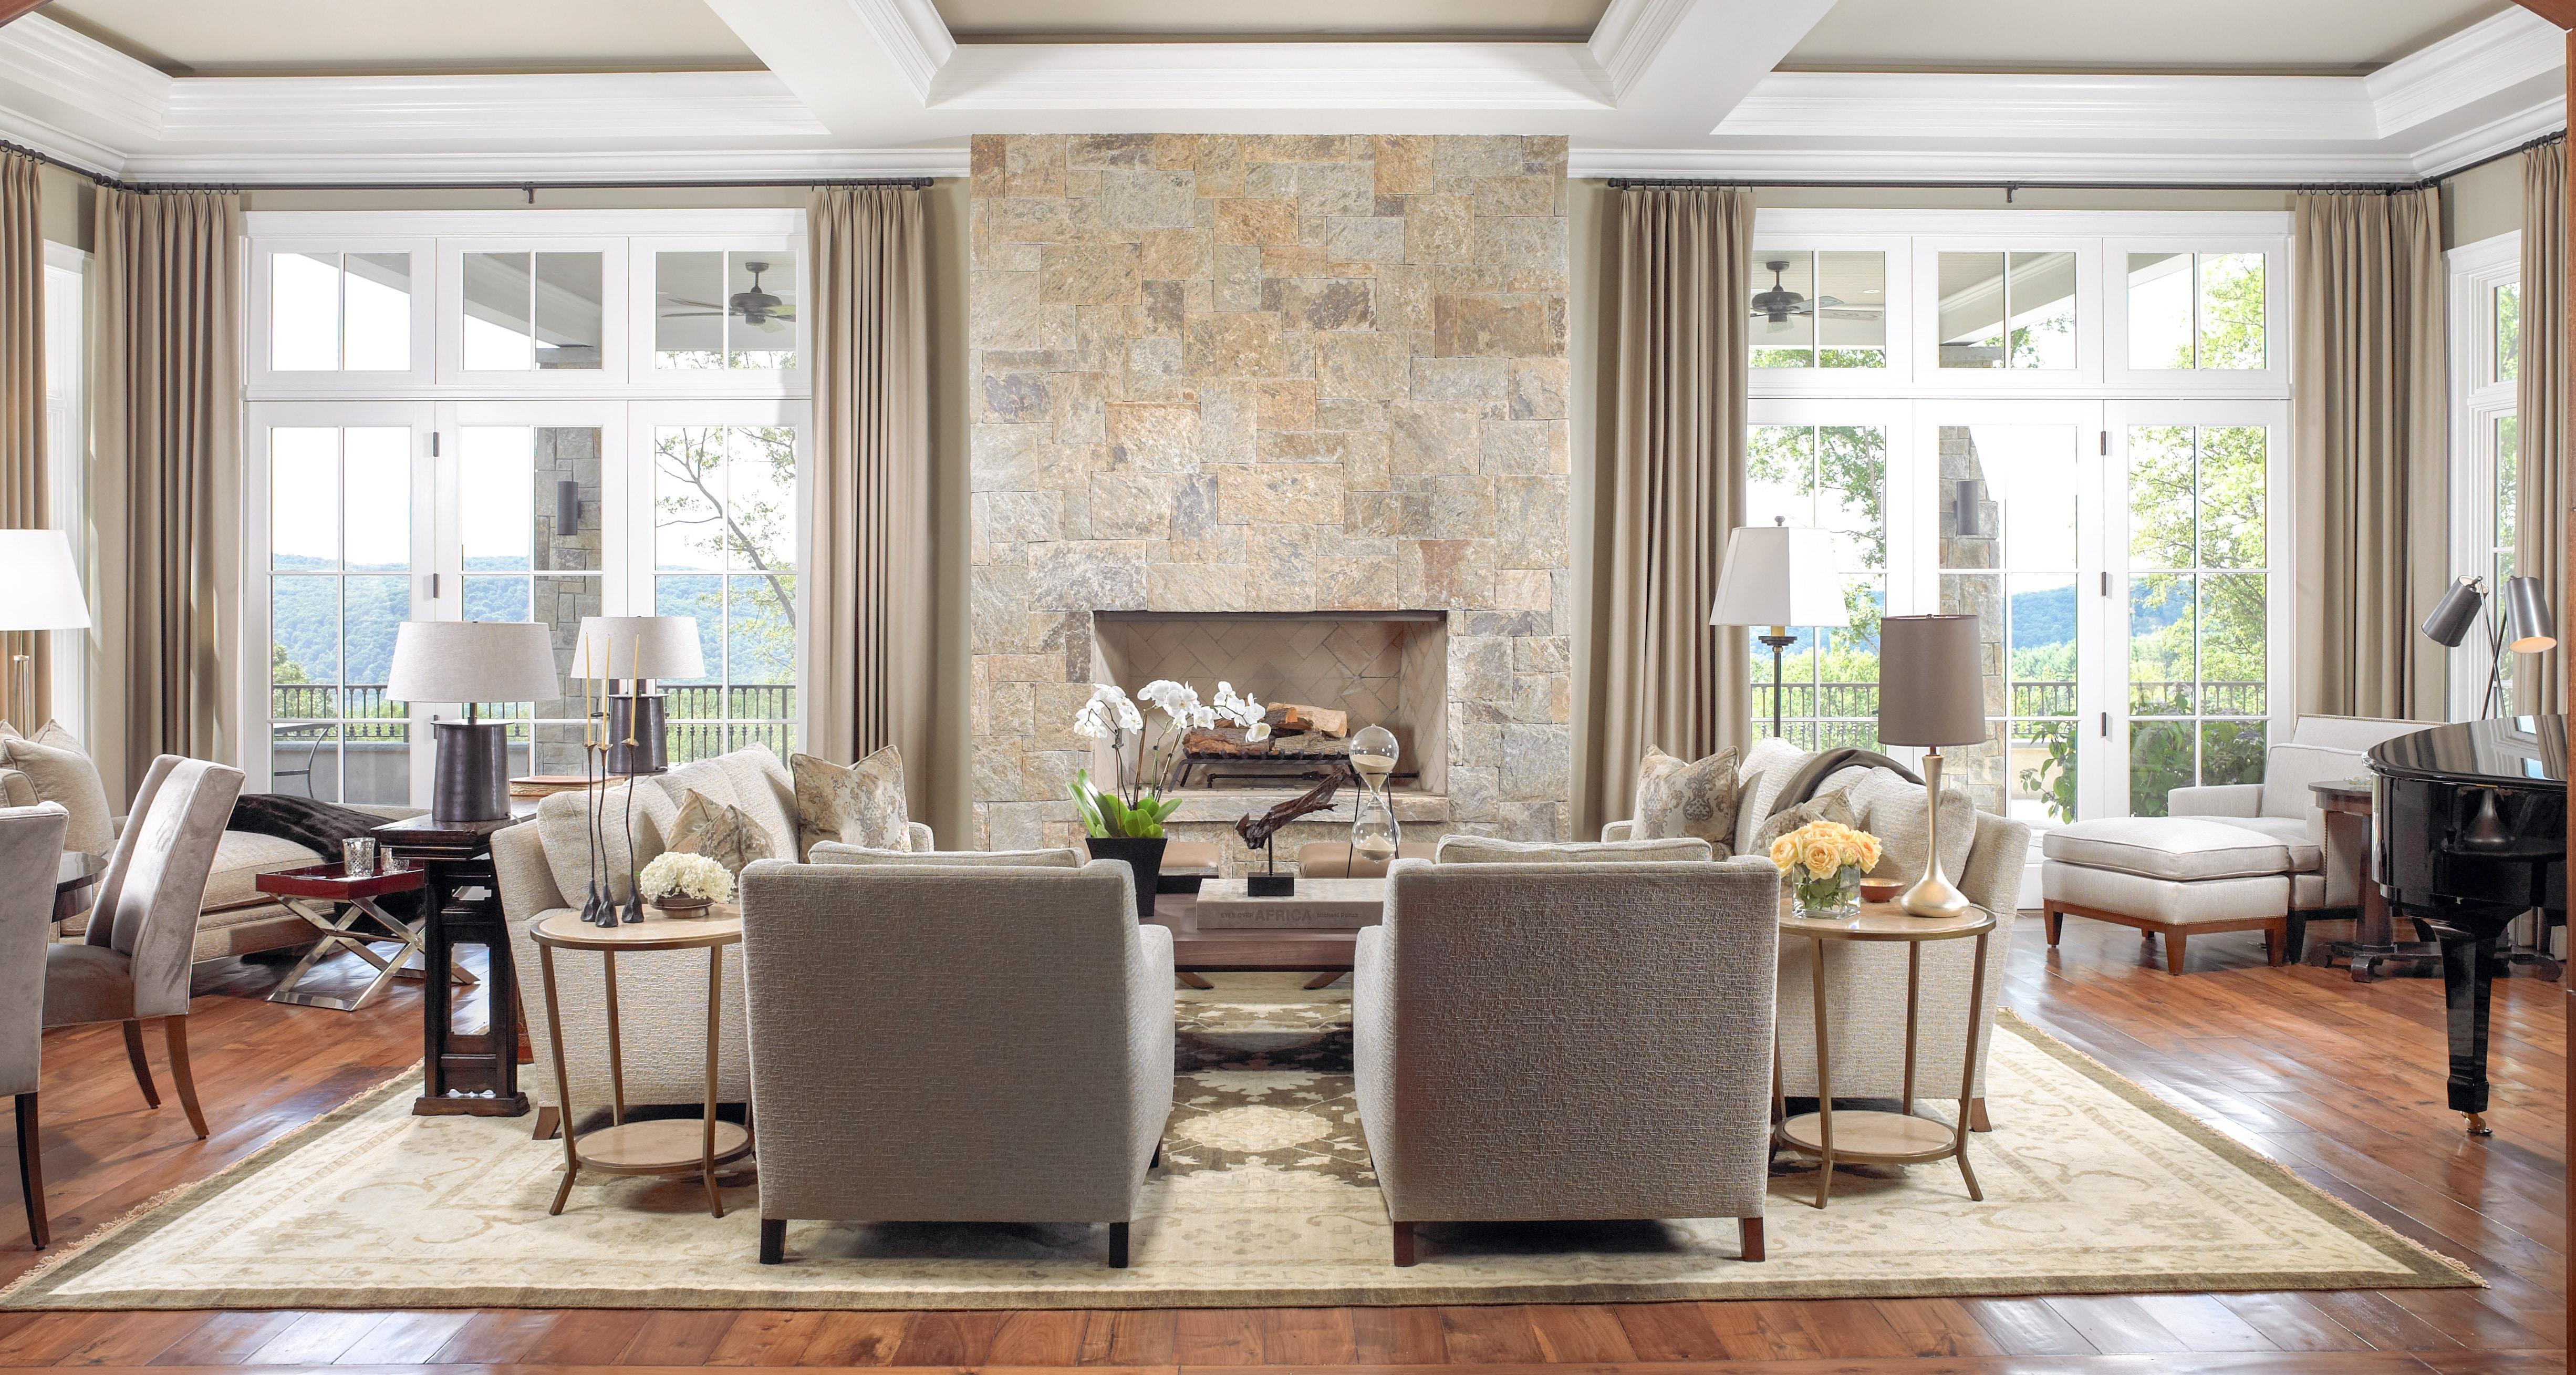 Jill Shevlin Design Interior Designer Vero Beach Florida Millbrook NY Living Room